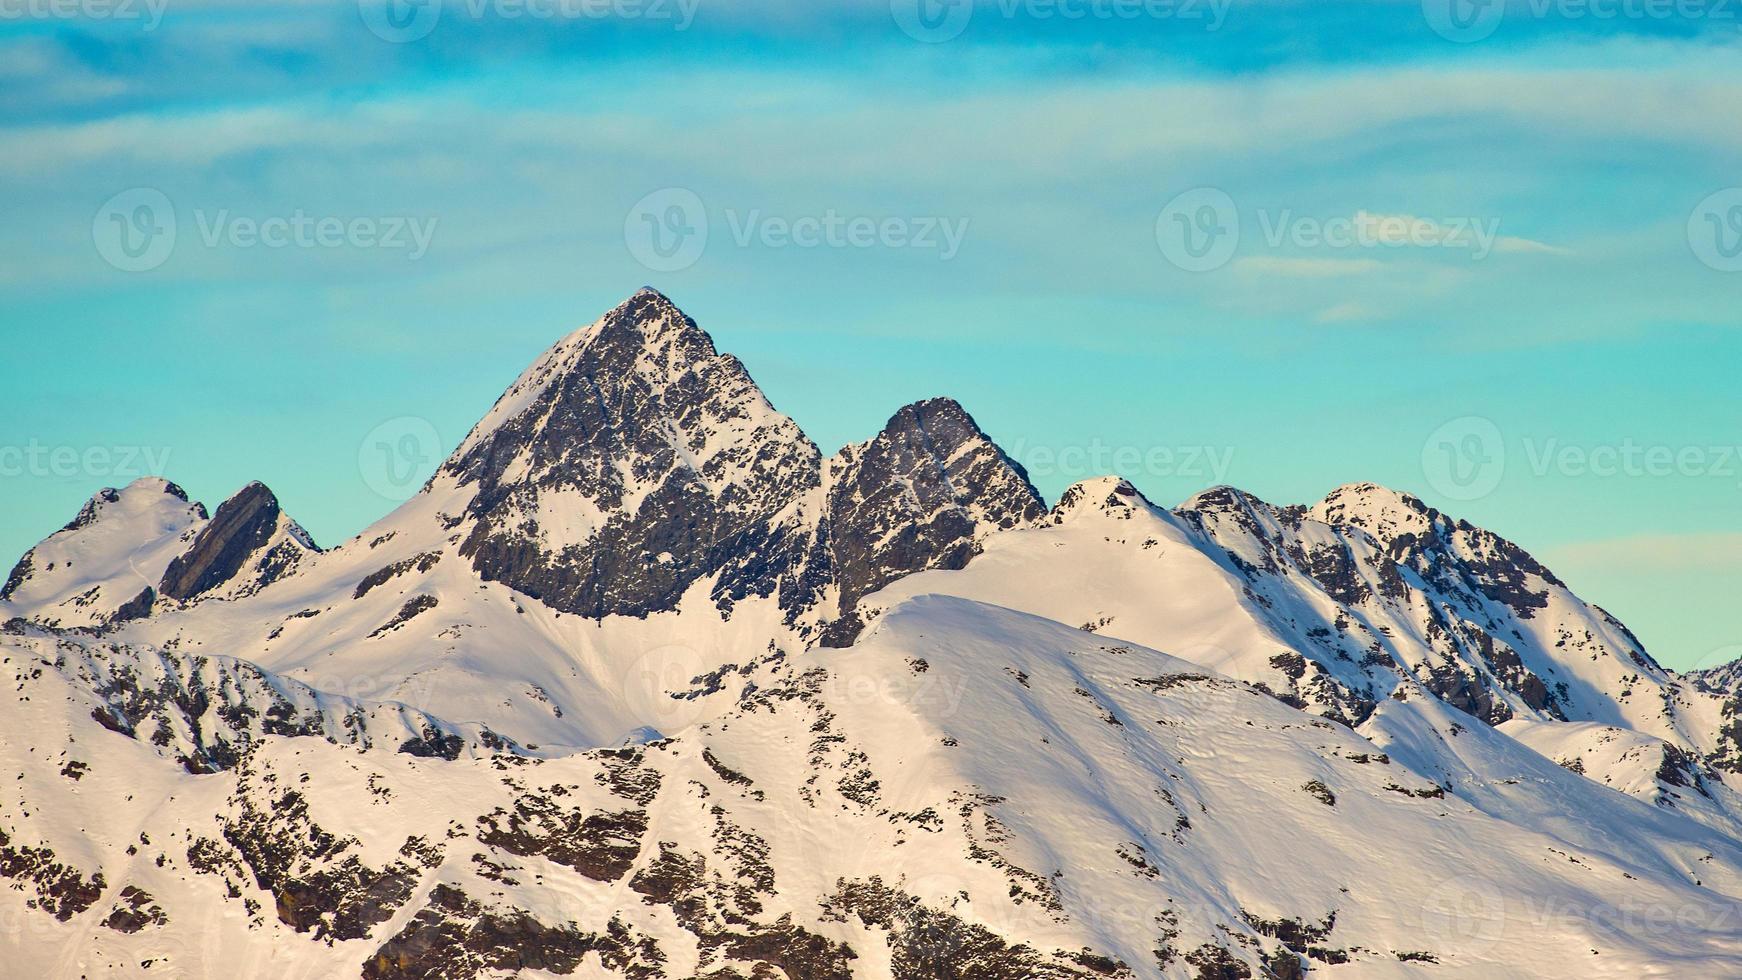 la montagna del merletto del diavolo nell'alta valle brembana. dove nasce il fiume Brembo foto